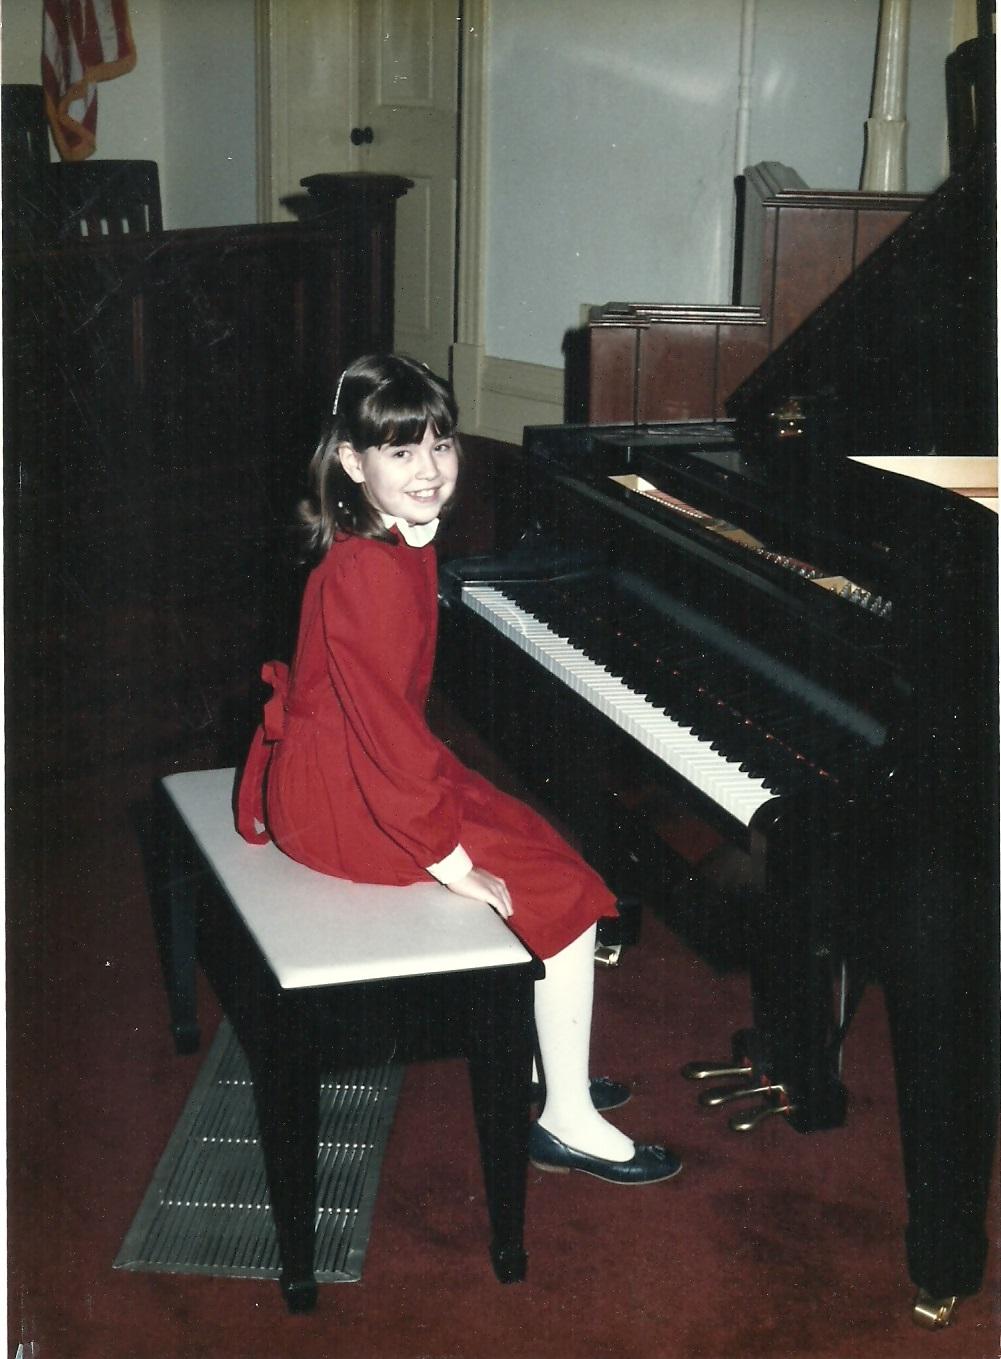 Kristin piano